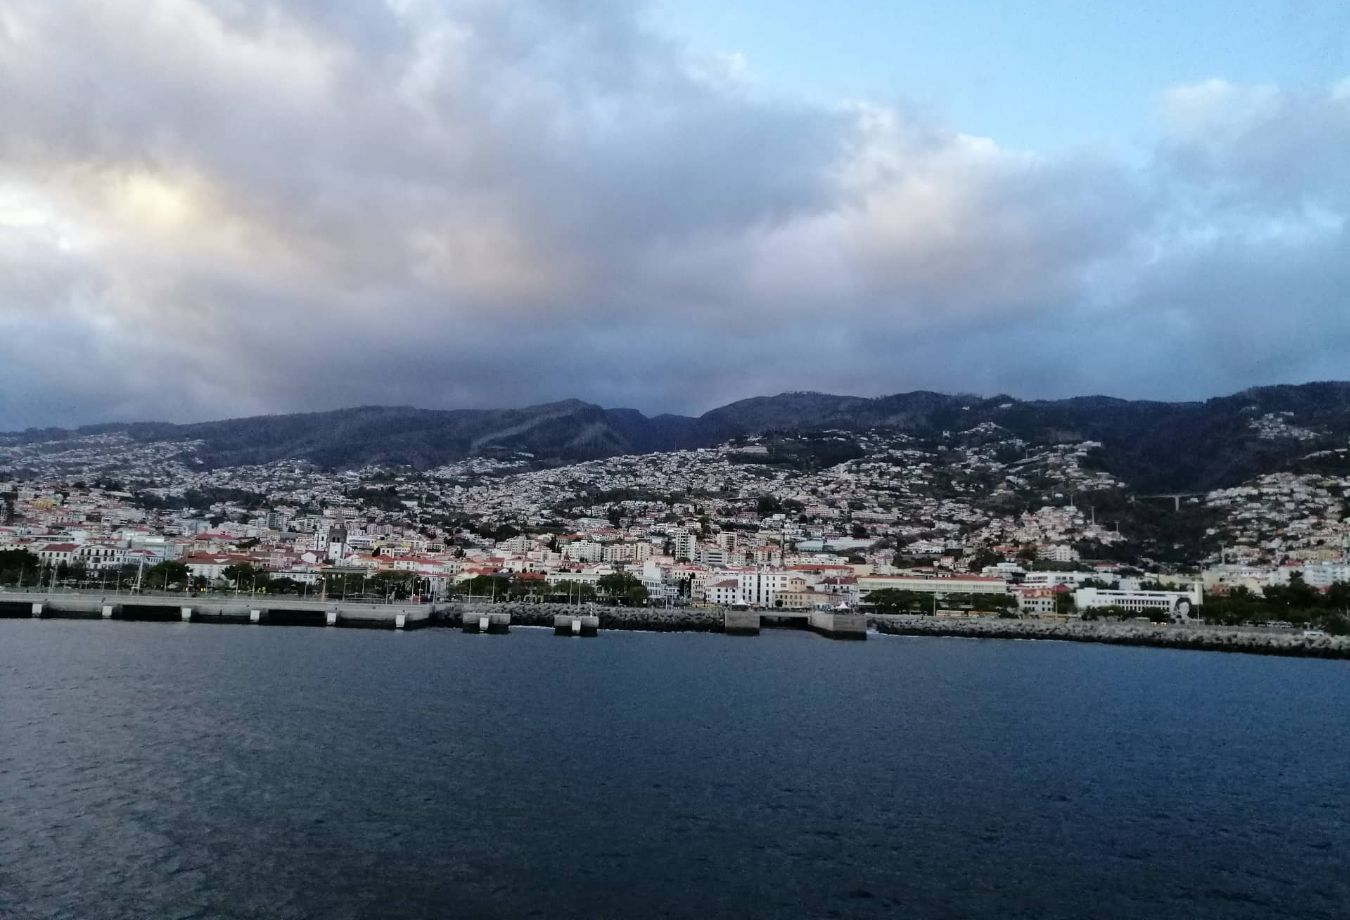 Madeira vista do barco Lobo Marinho